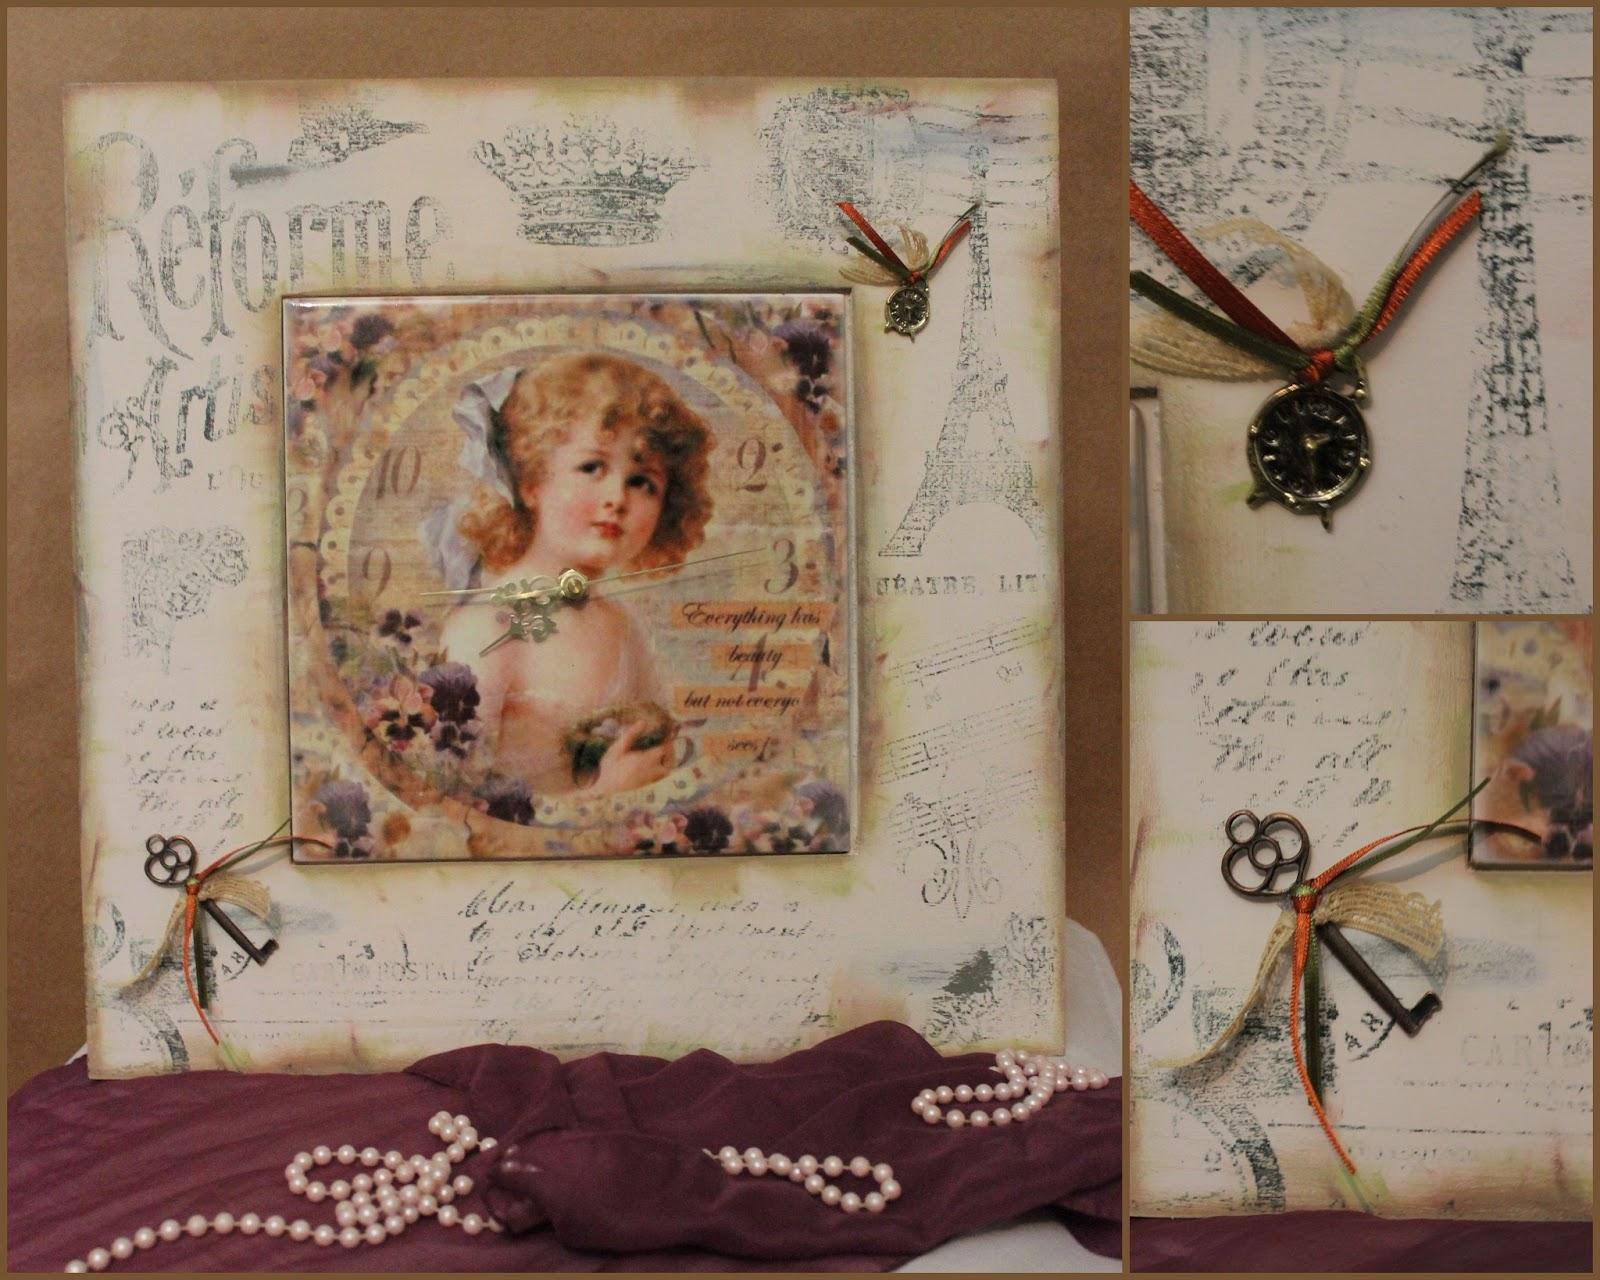 Rom ntica reloj vintage de 20x20 sublimado sobre azulejos - Relojes grandes de pared vintage ...